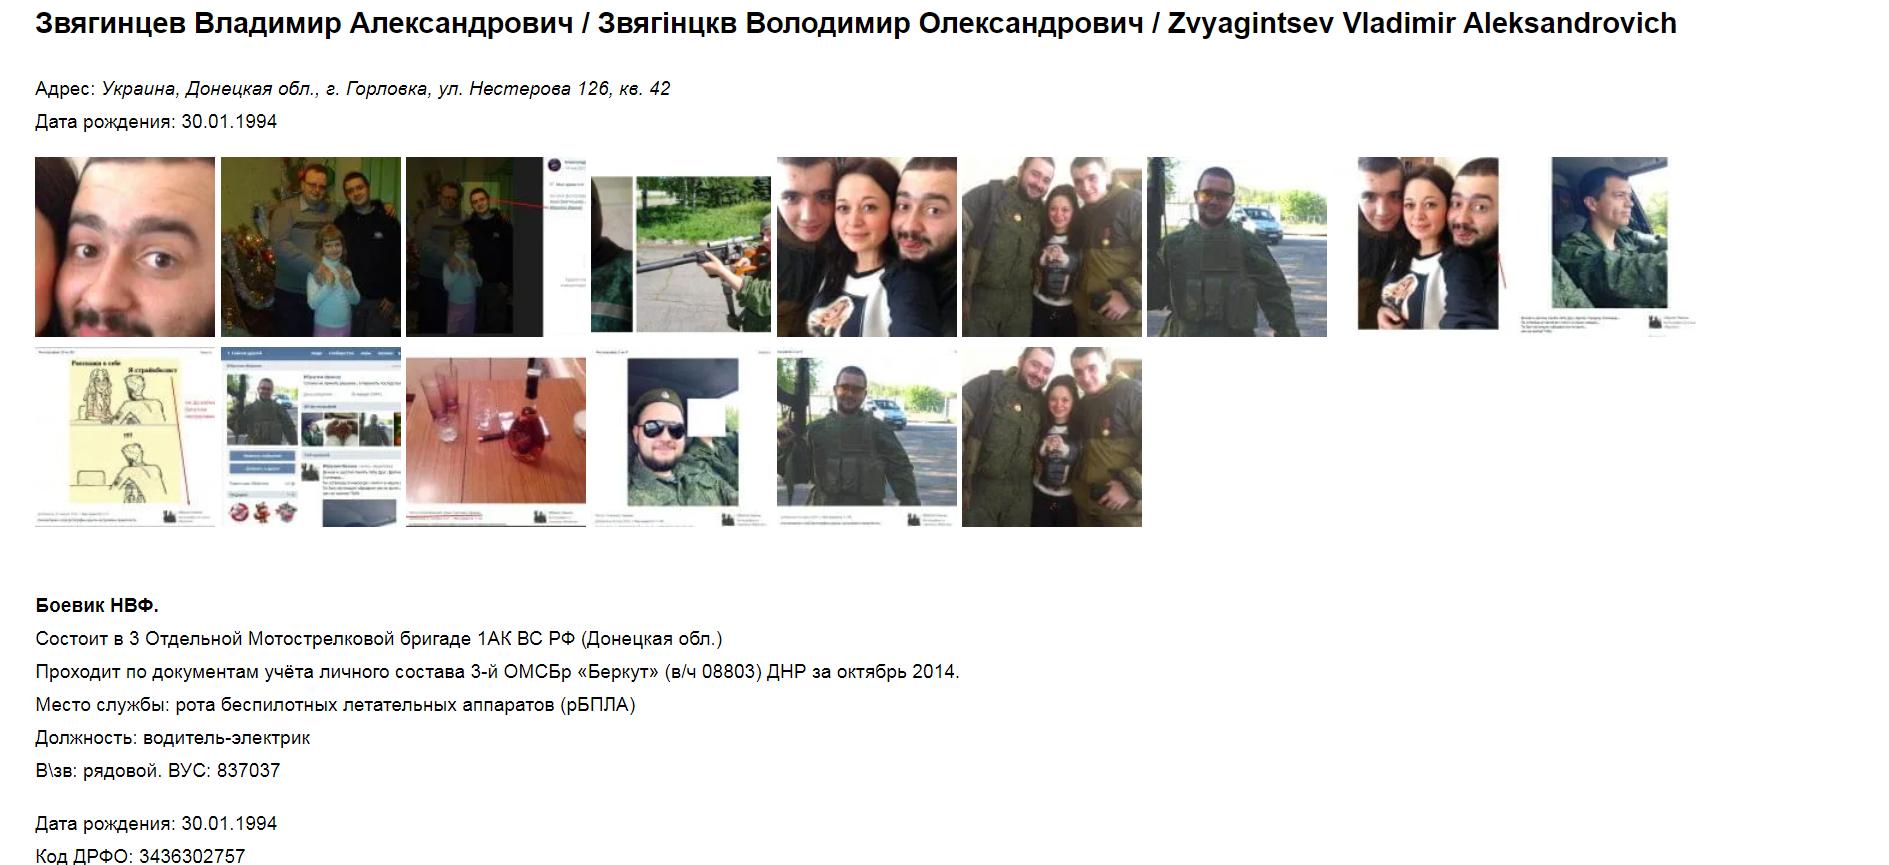 """Інформація про Звягінцева на """"Миротворці""""."""